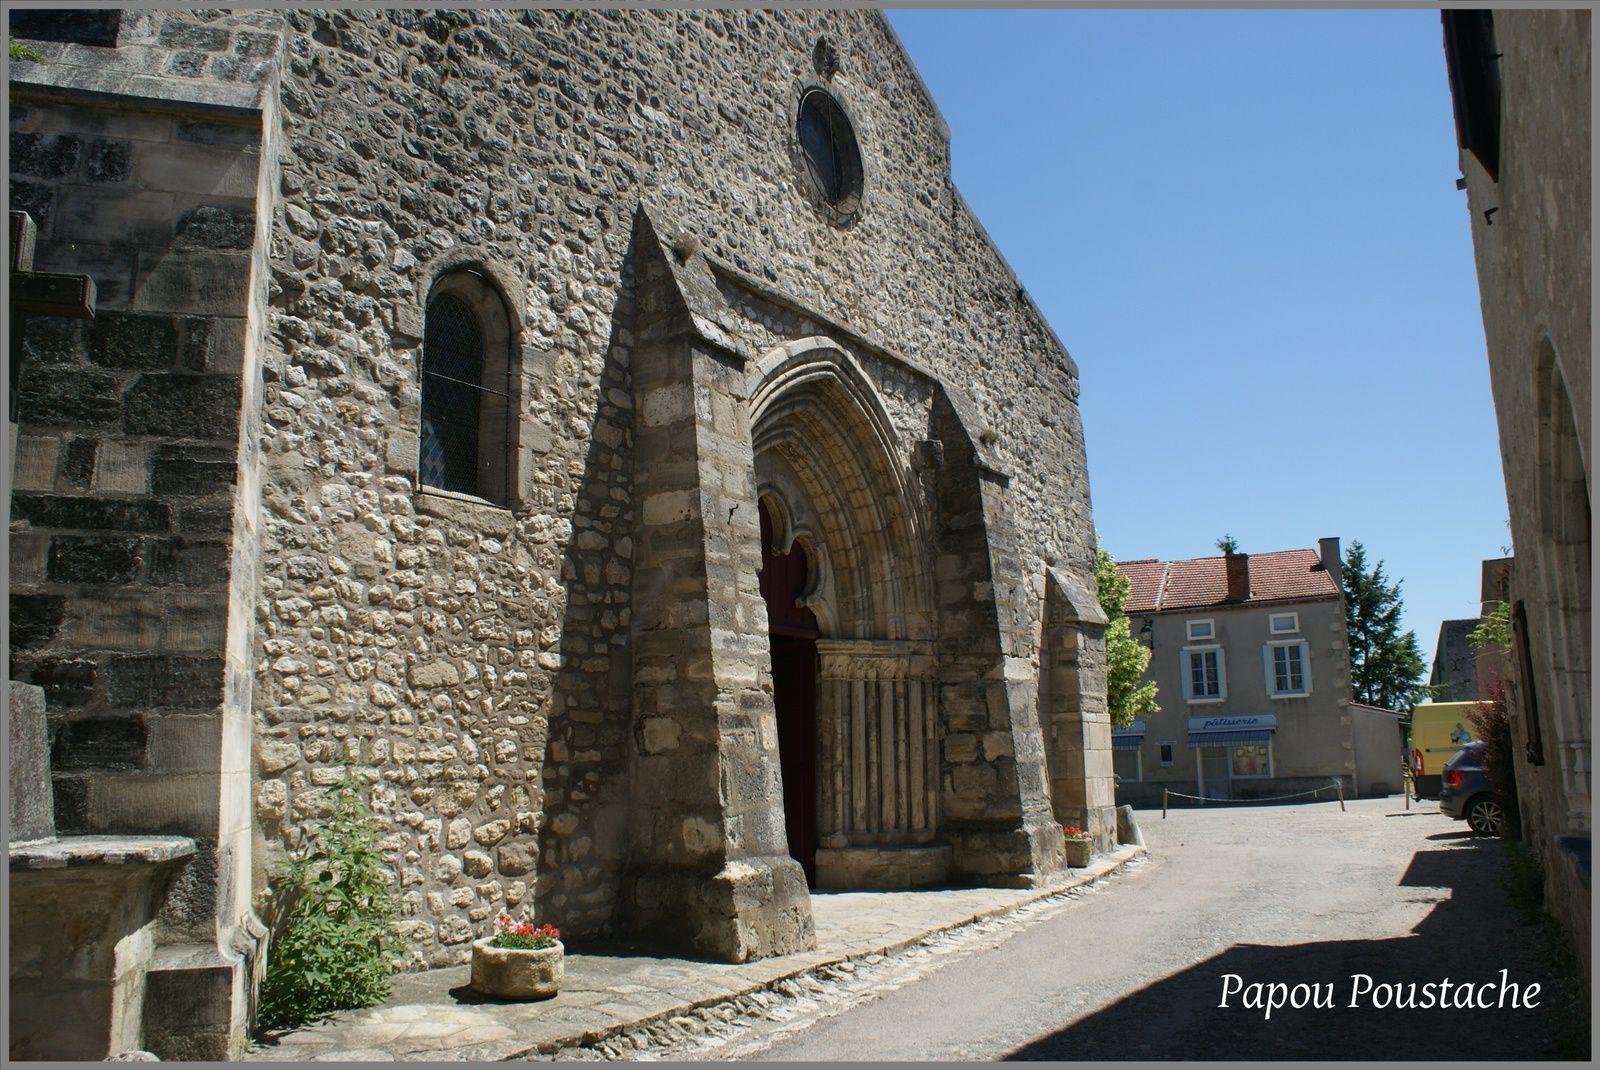 Patrimoine auvergnat:Eglise de Charroux